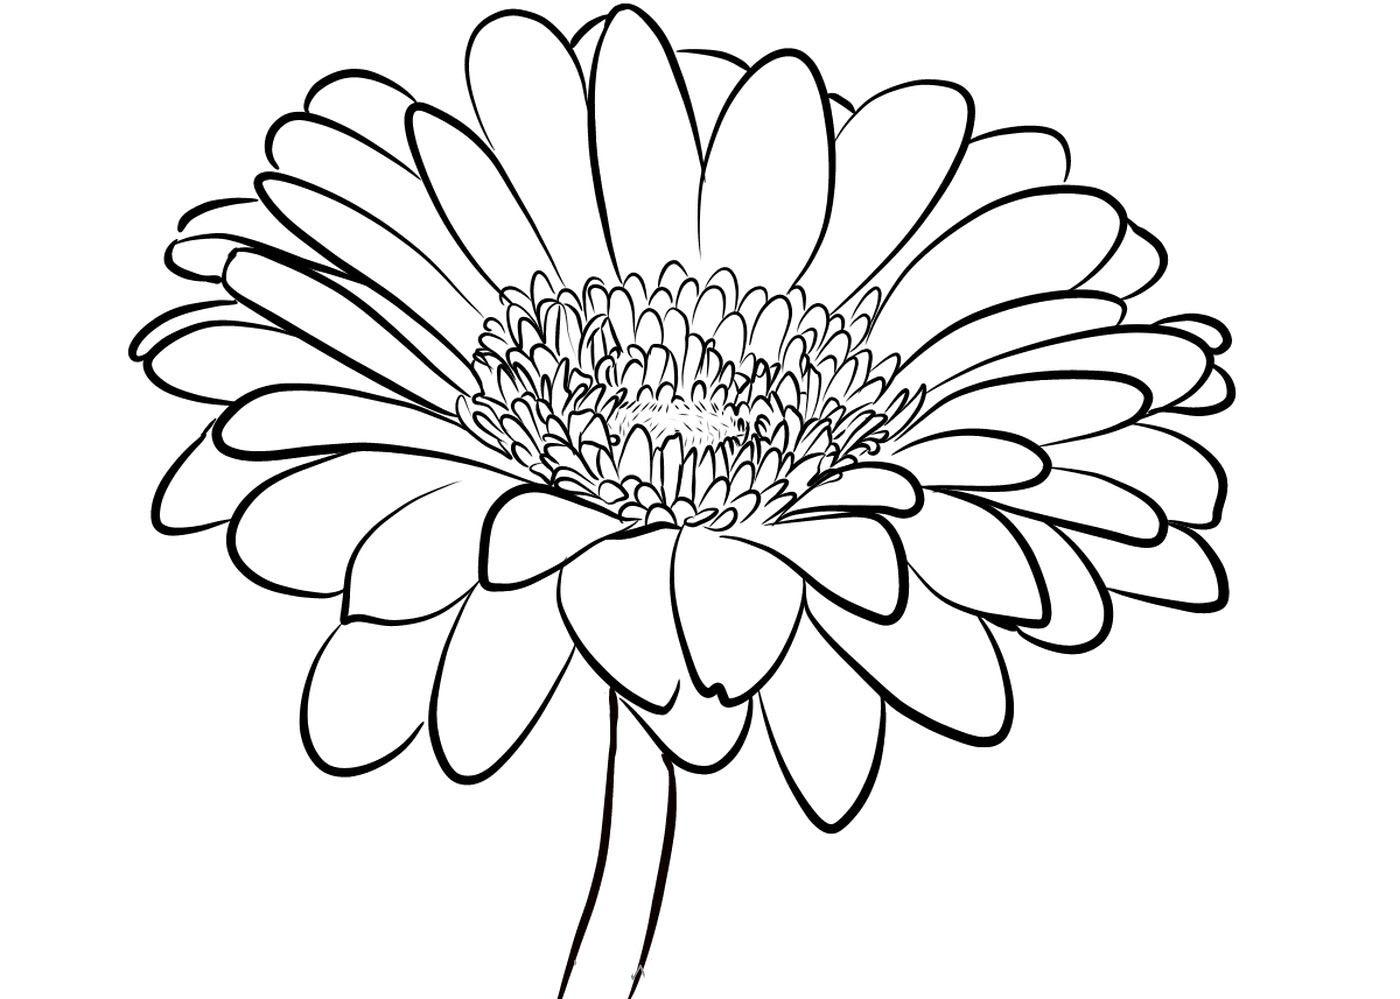 Tranh tô màu hoa cúc đẹp, hấp dẫn nhất